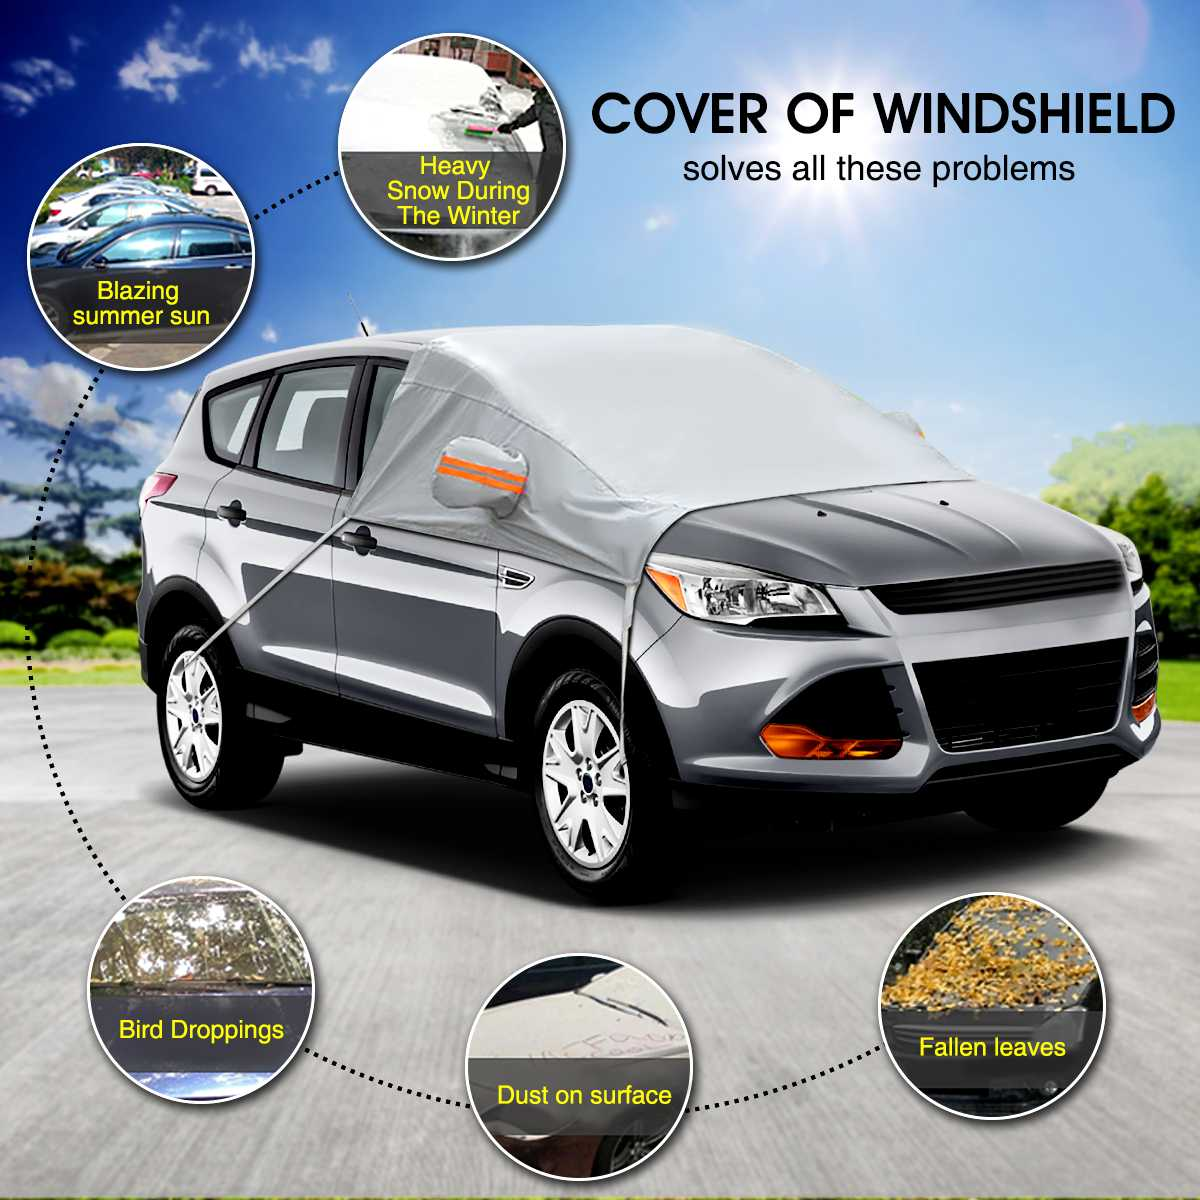 กระจกรถฝาครอบกระจกหิมะปกคลุมฤดูหนาวฝาครอบกระจกรถยนต์ Sun Shade Protector L/XL สำหรับ Van Suv รถบรรทุก RVs